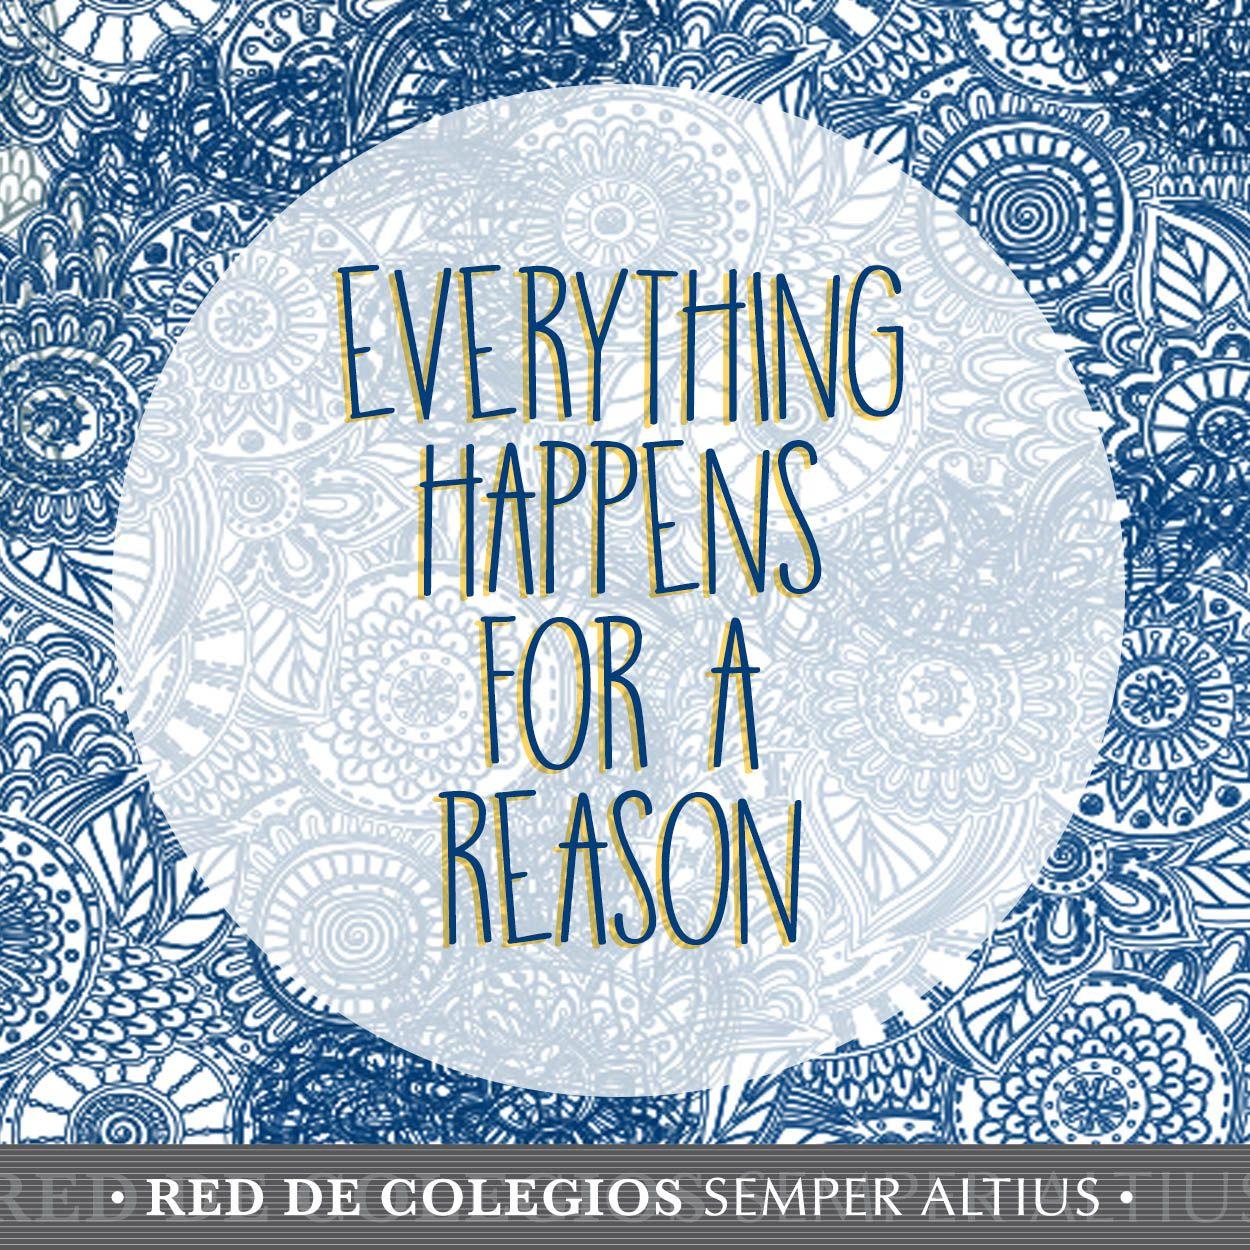 For a reason.  #Valores #Educación #SemperAltius